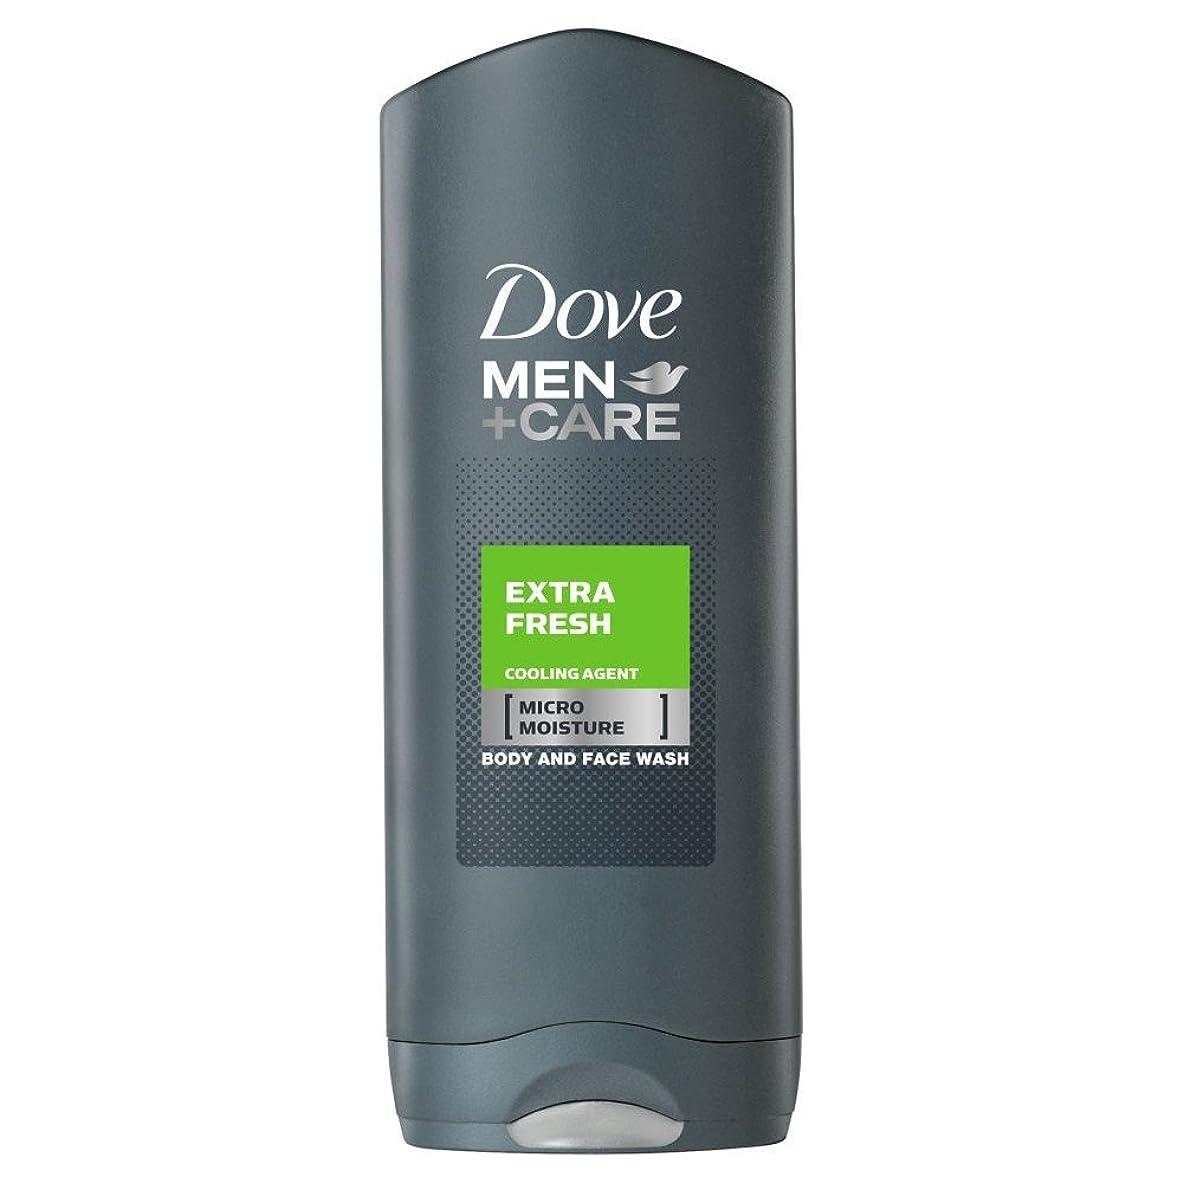 タンクメリー平衡Dove Men + Care Body & Face Wash - Extra Fresh (250ml) 鳩の男性は+ボディと洗顔ケア - 余分な新鮮な( 250ミリリットル)を [並行輸入品]